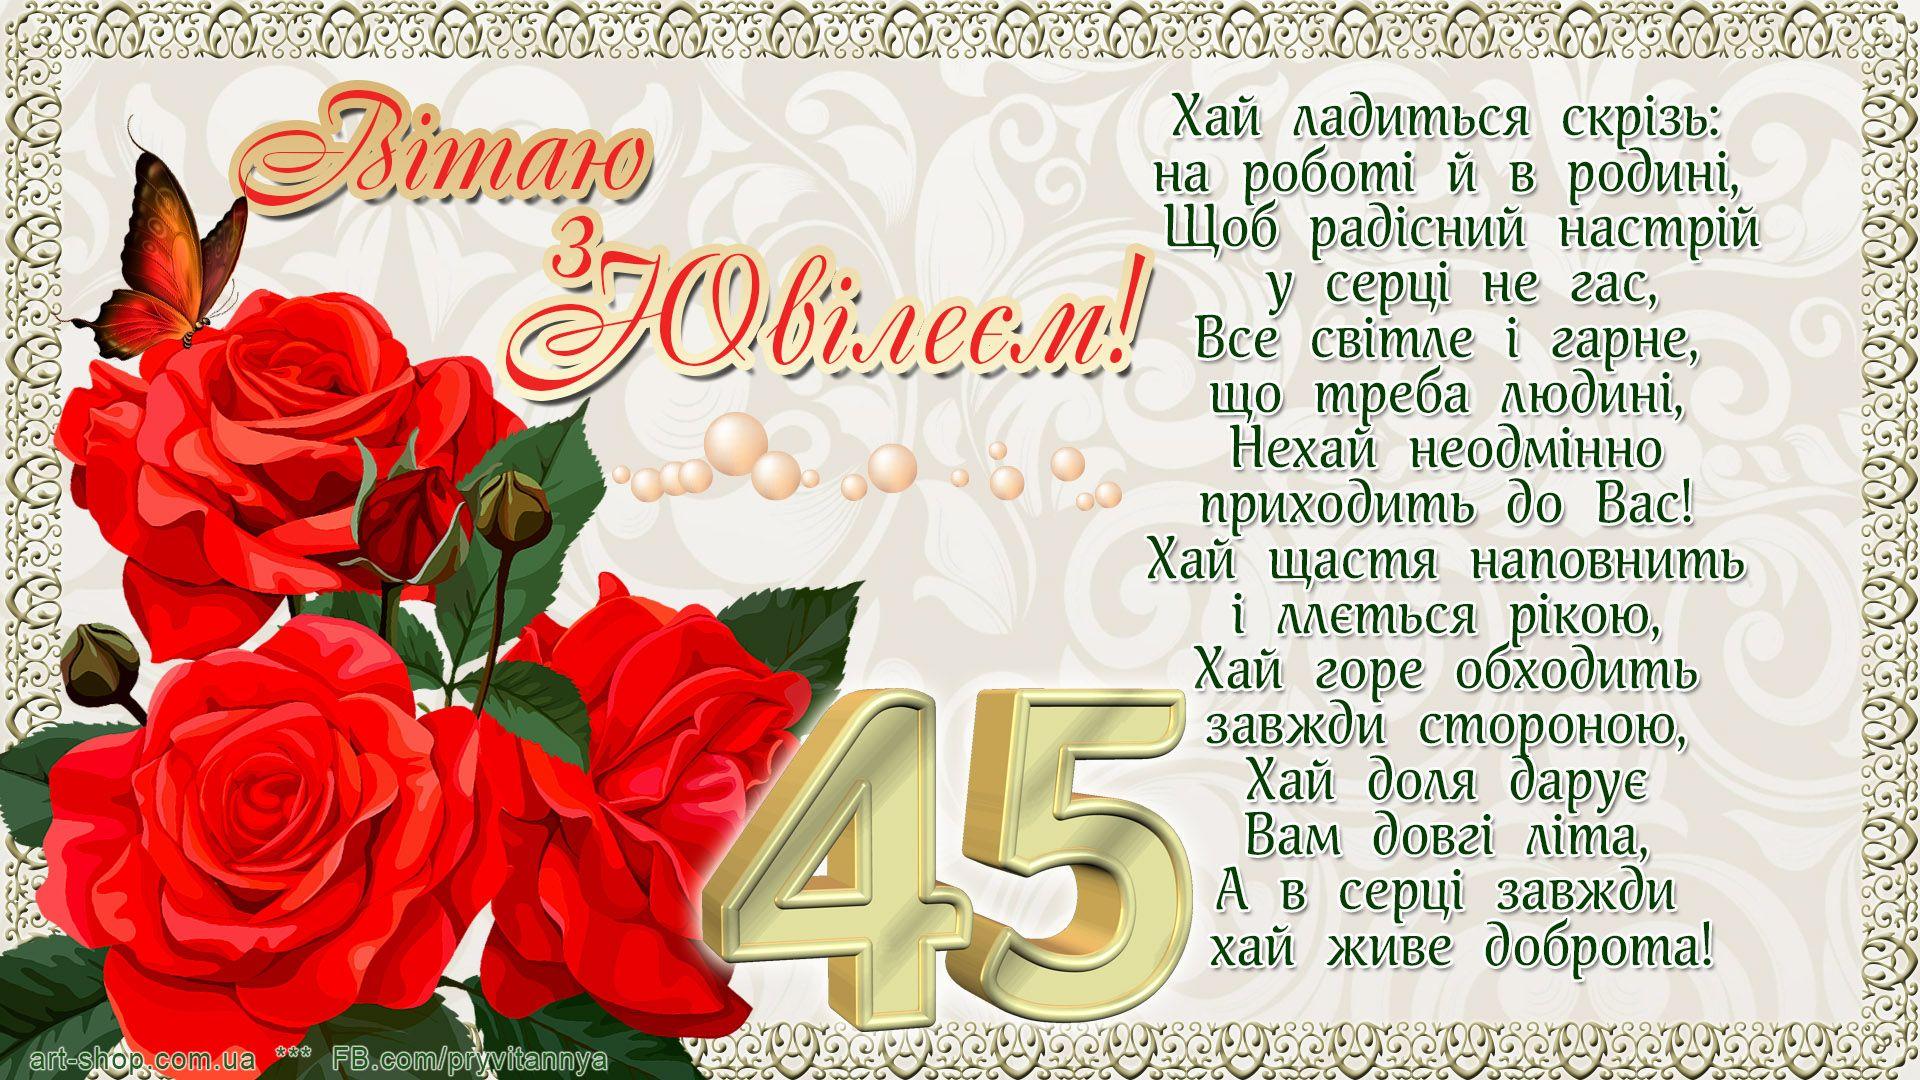 Ворде 2010, открытки с днем рождения 50 лет на украинском языке